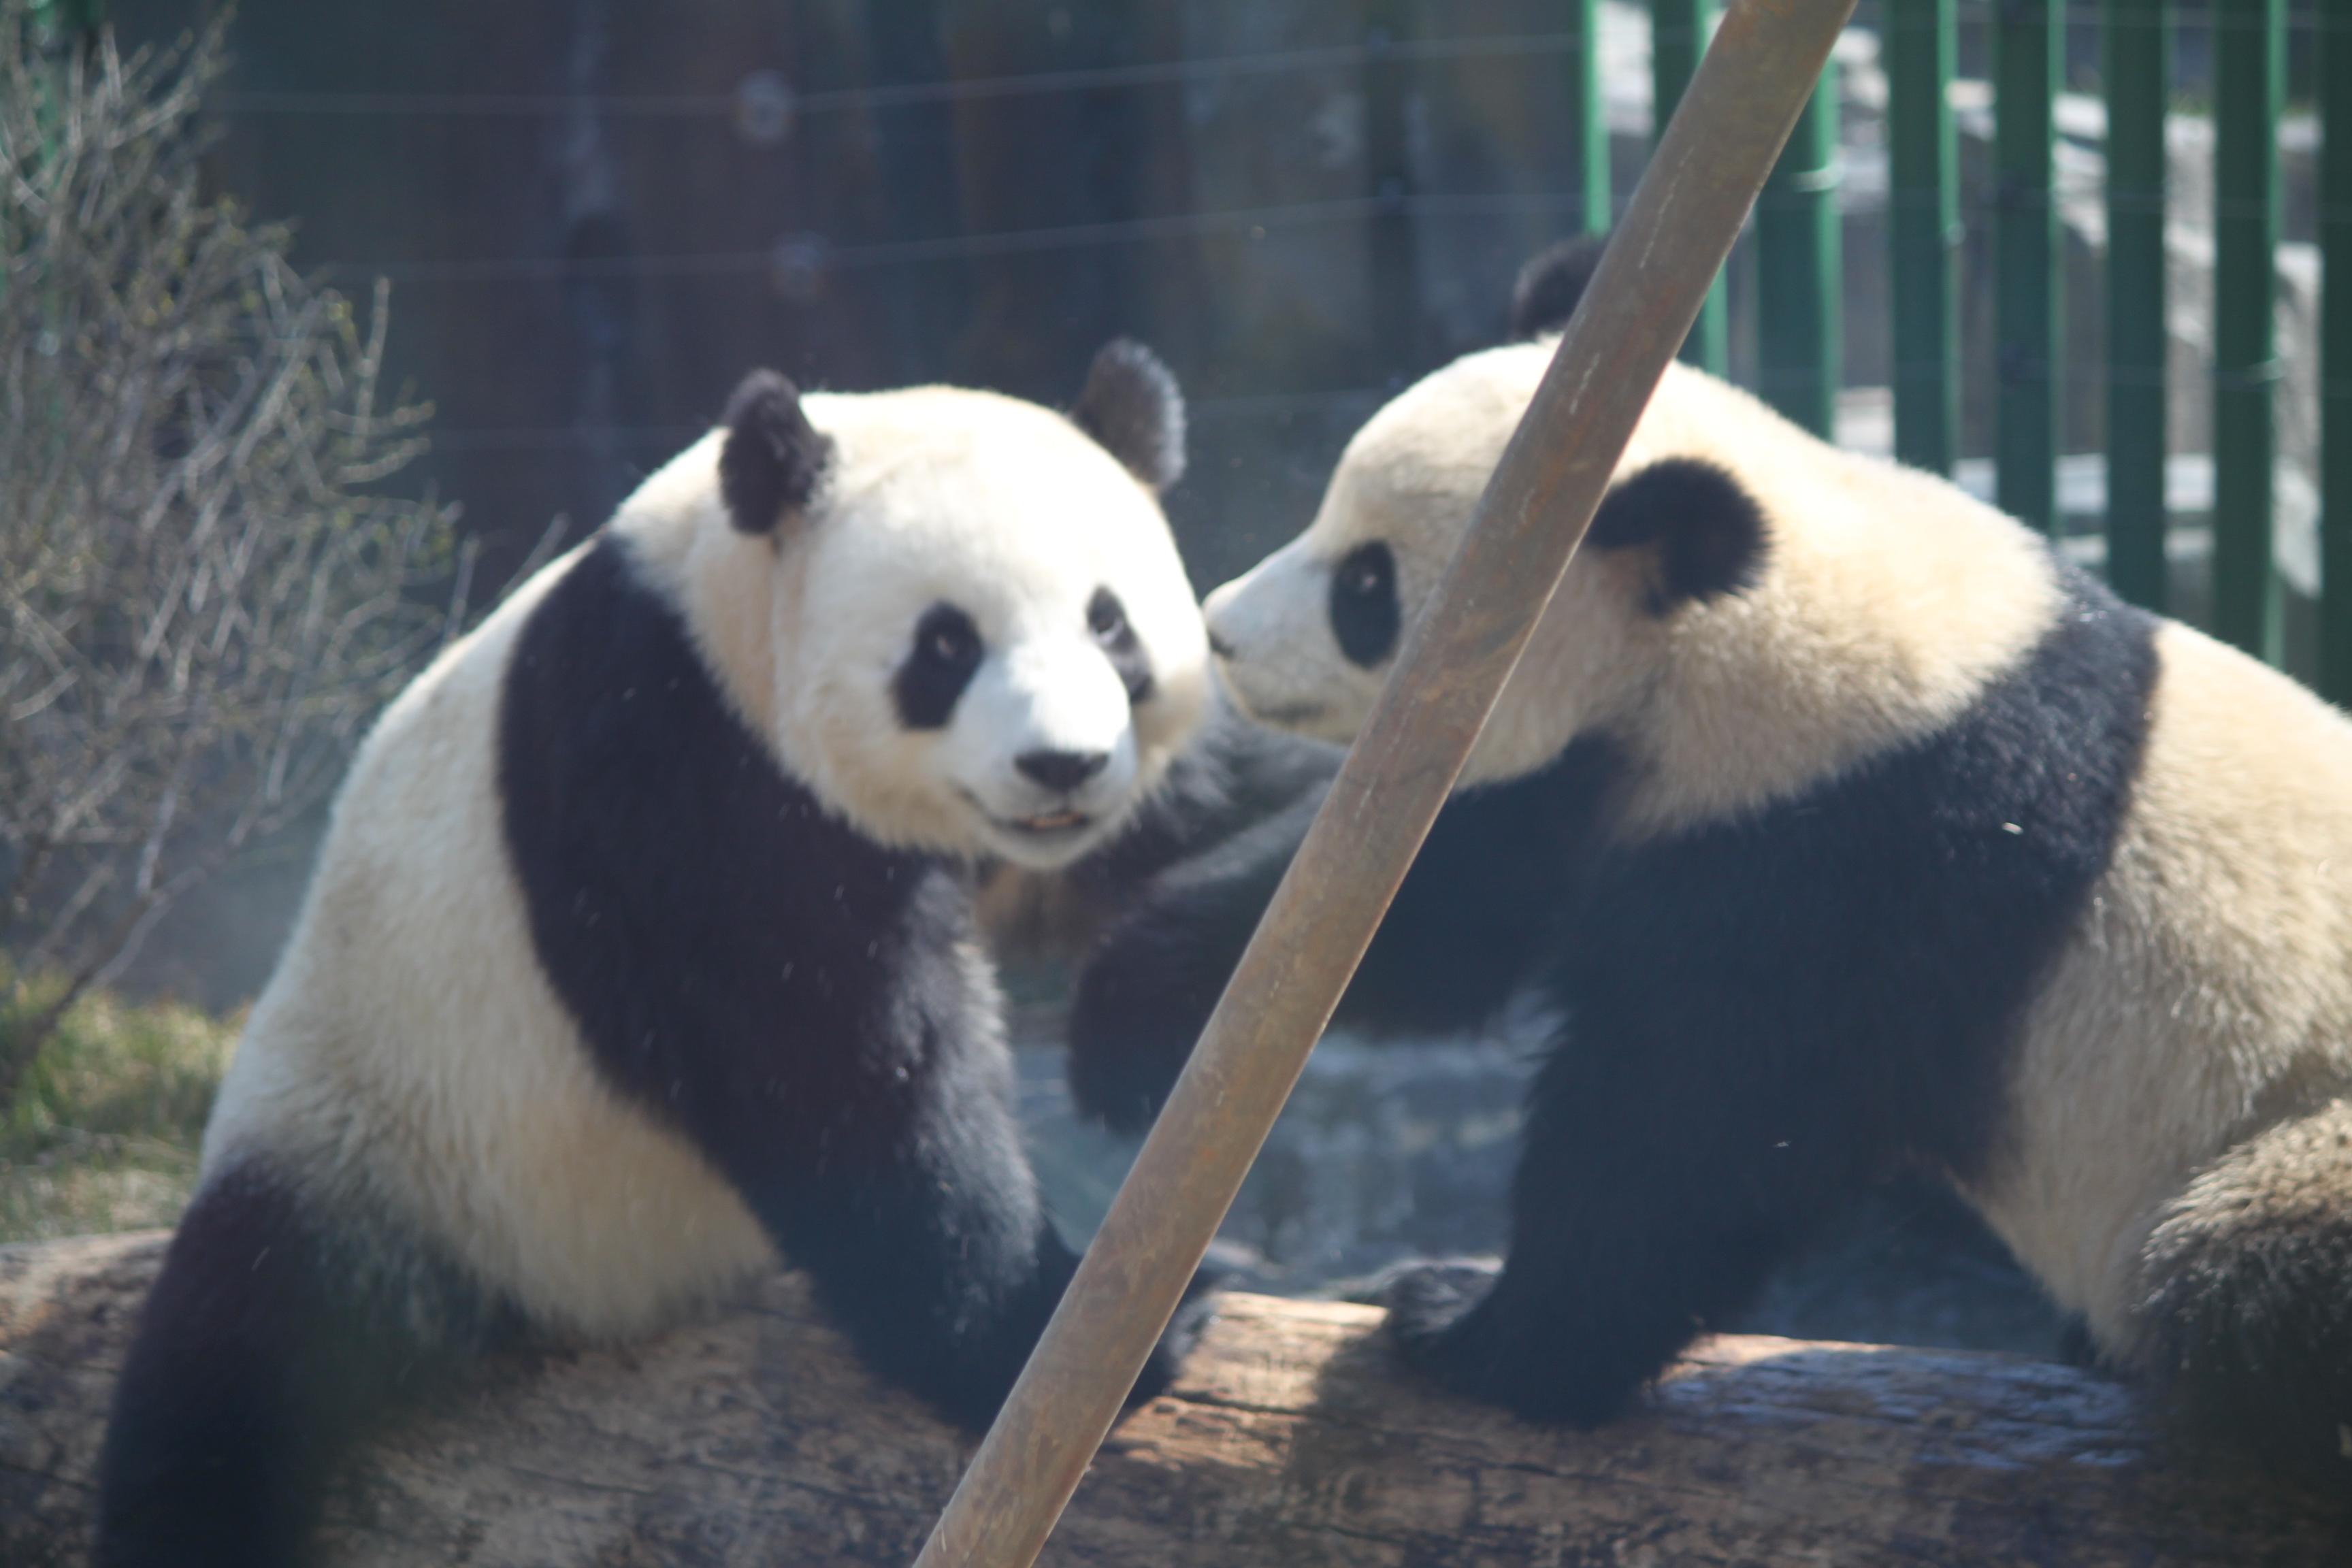 大连森林动物园 熊猫_大连森林动物园 熊猫分享展示